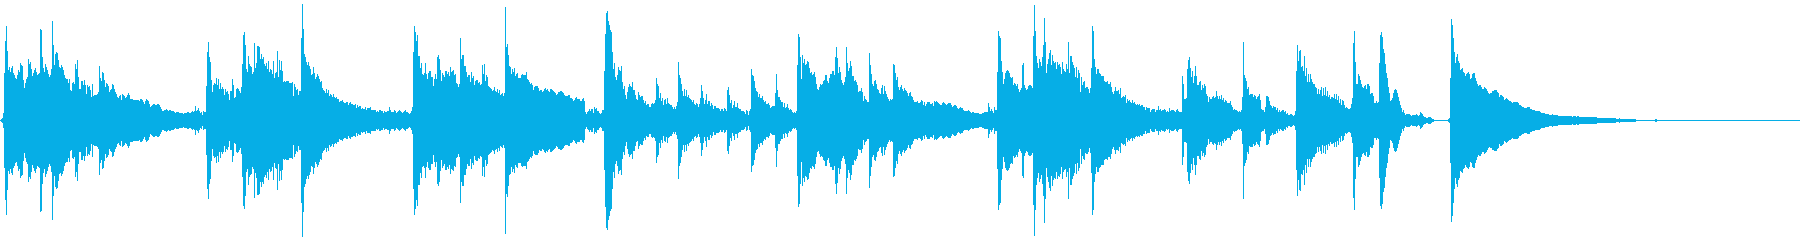 ★軽快で爽やか15秒ジングル/アコギ加工の再生済みの波形